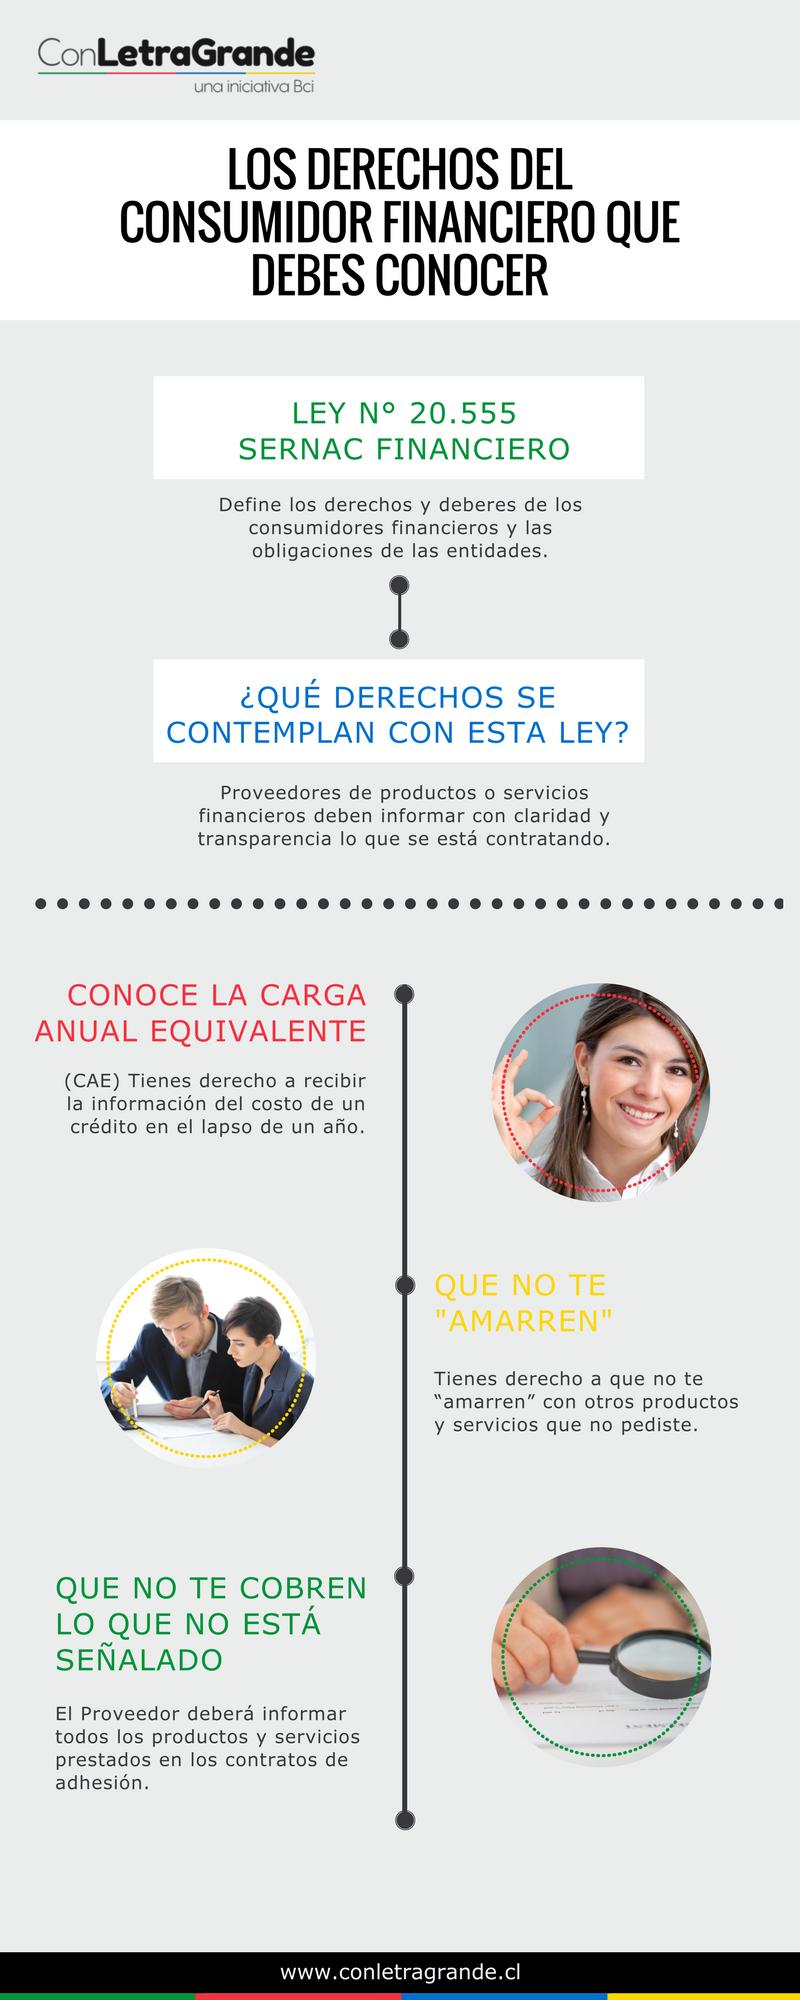 Los derechos del consumidor financiero que debes conocer (1).png